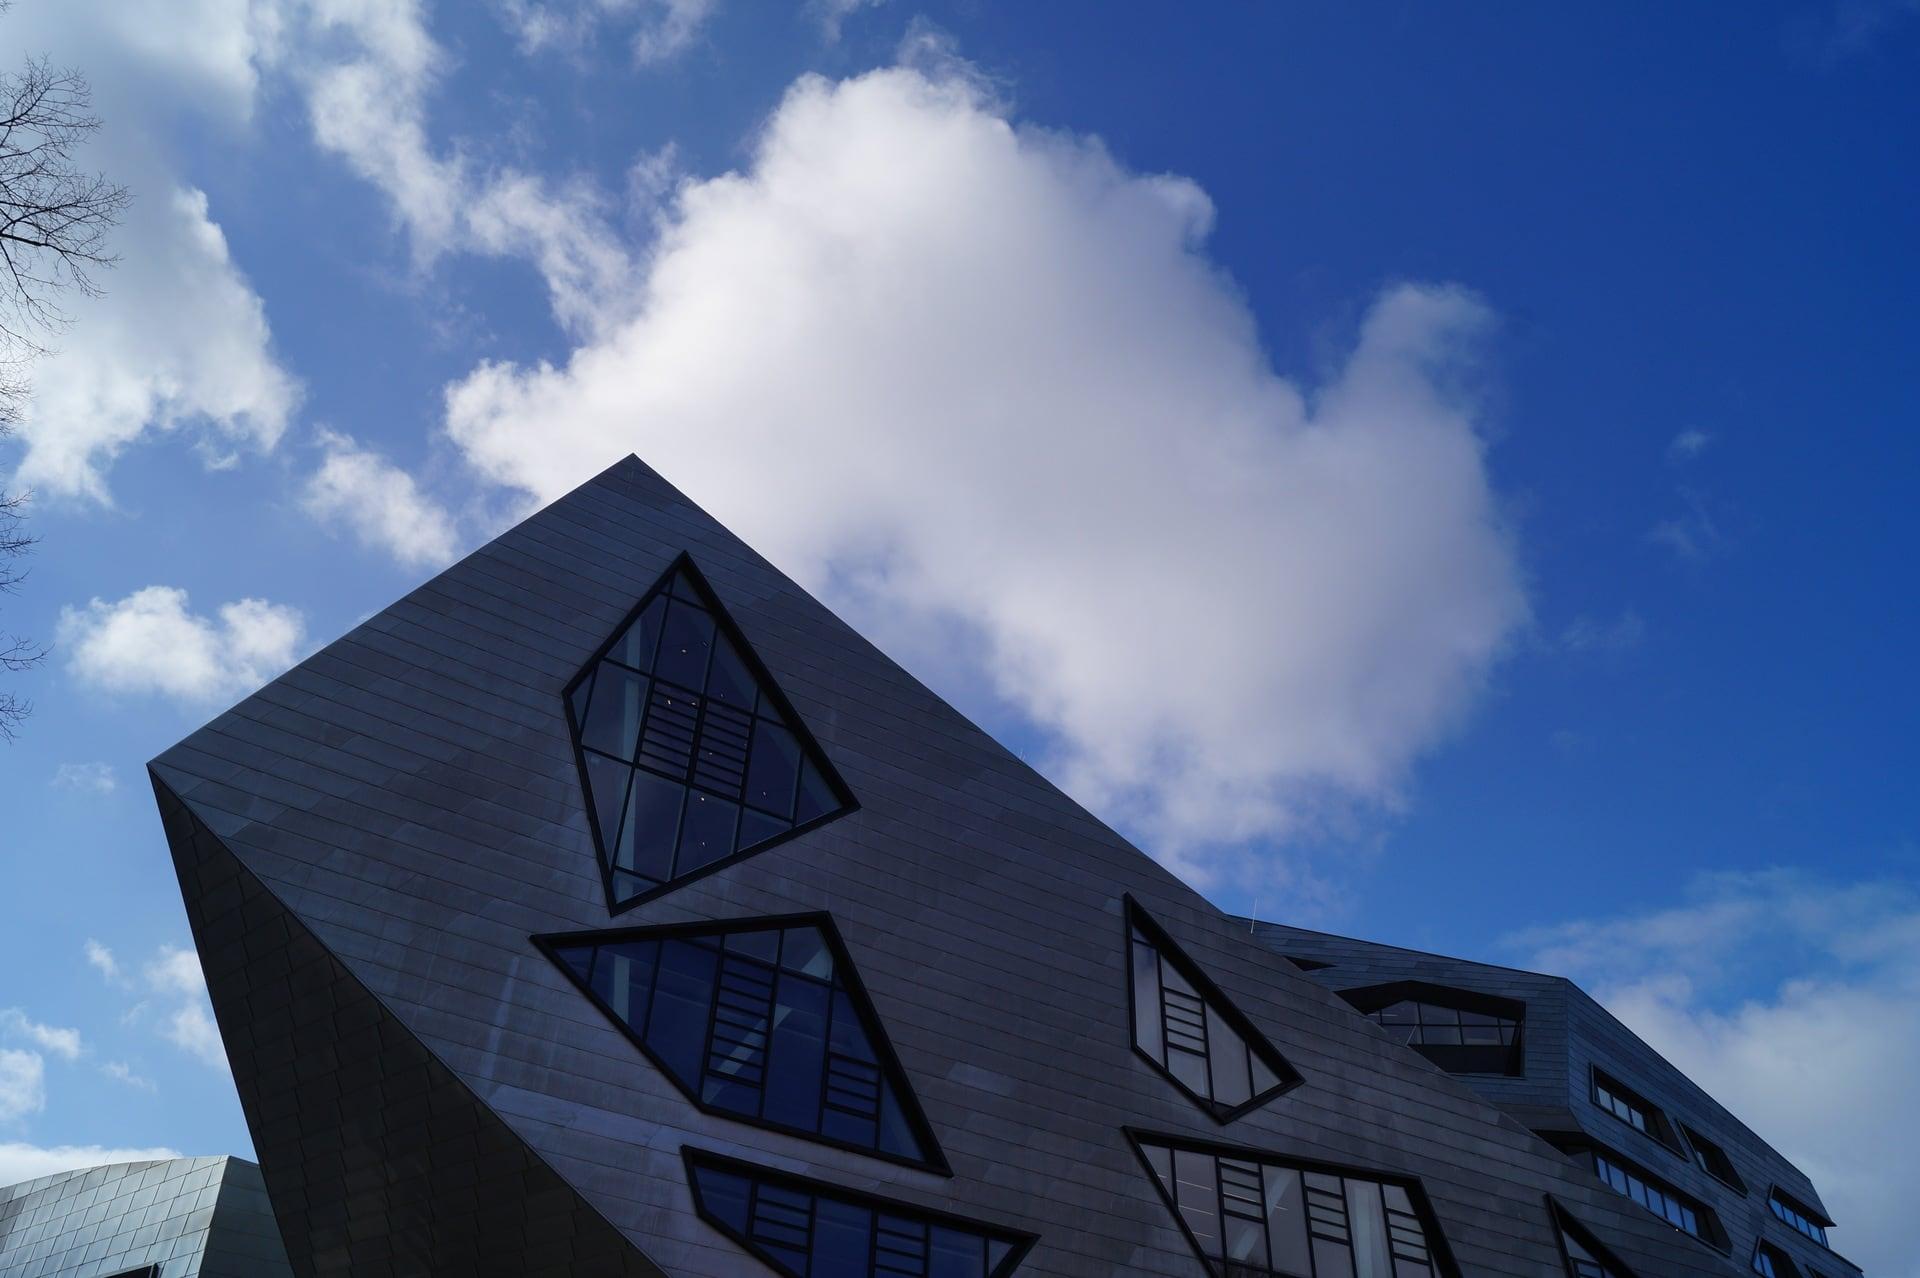 Zentralgebäude der Leuphana Universität Lüneburg - Christopher Bohlens